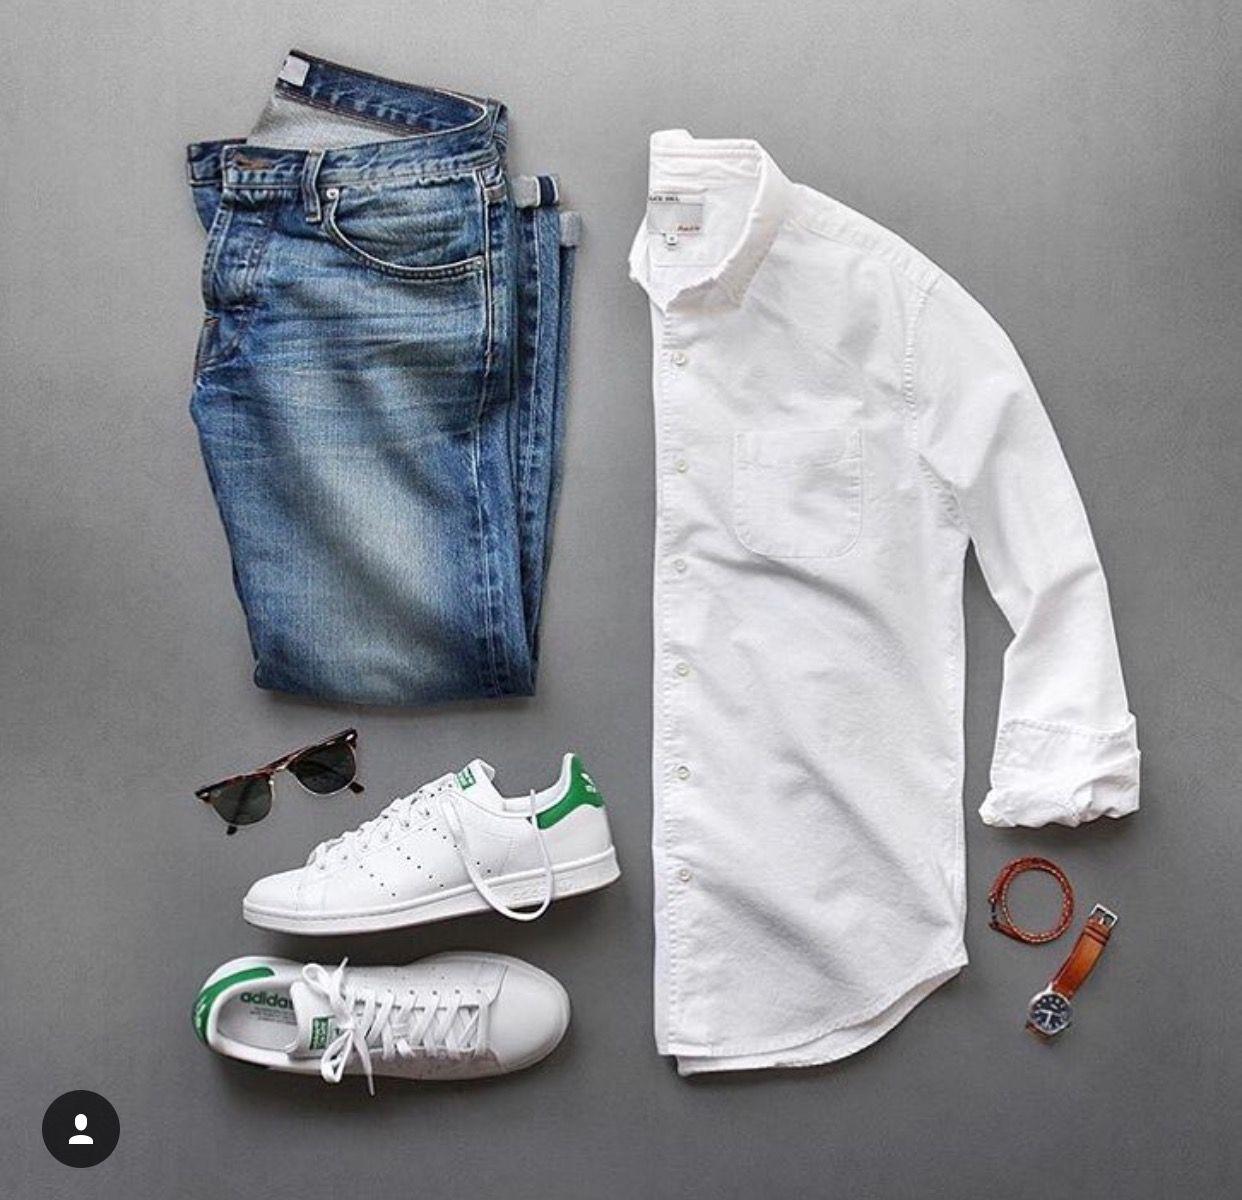 Adidas Stan Smith Precios Moda casual